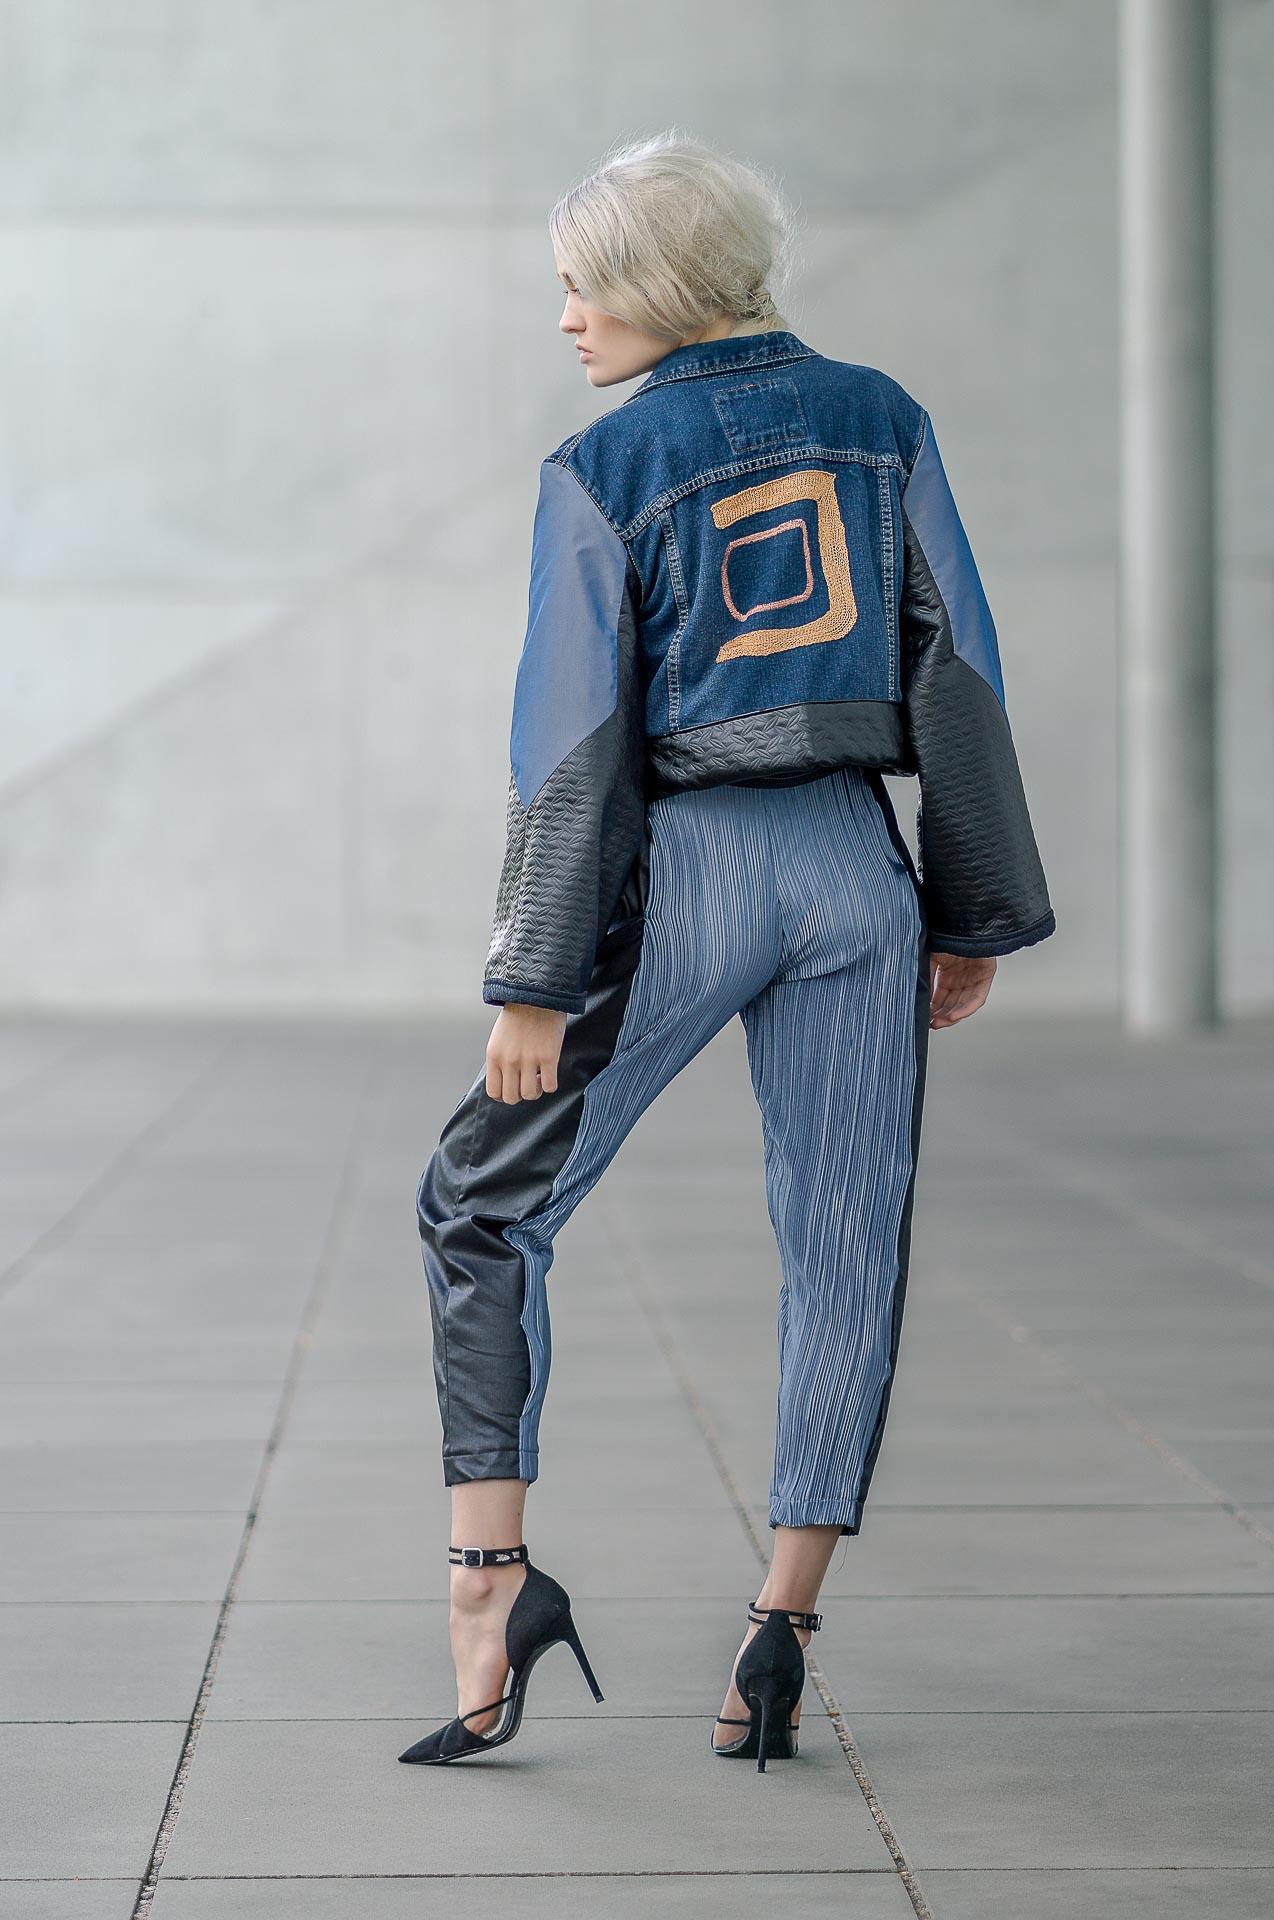 Kim mit Jeansjackenrücken sichtbar